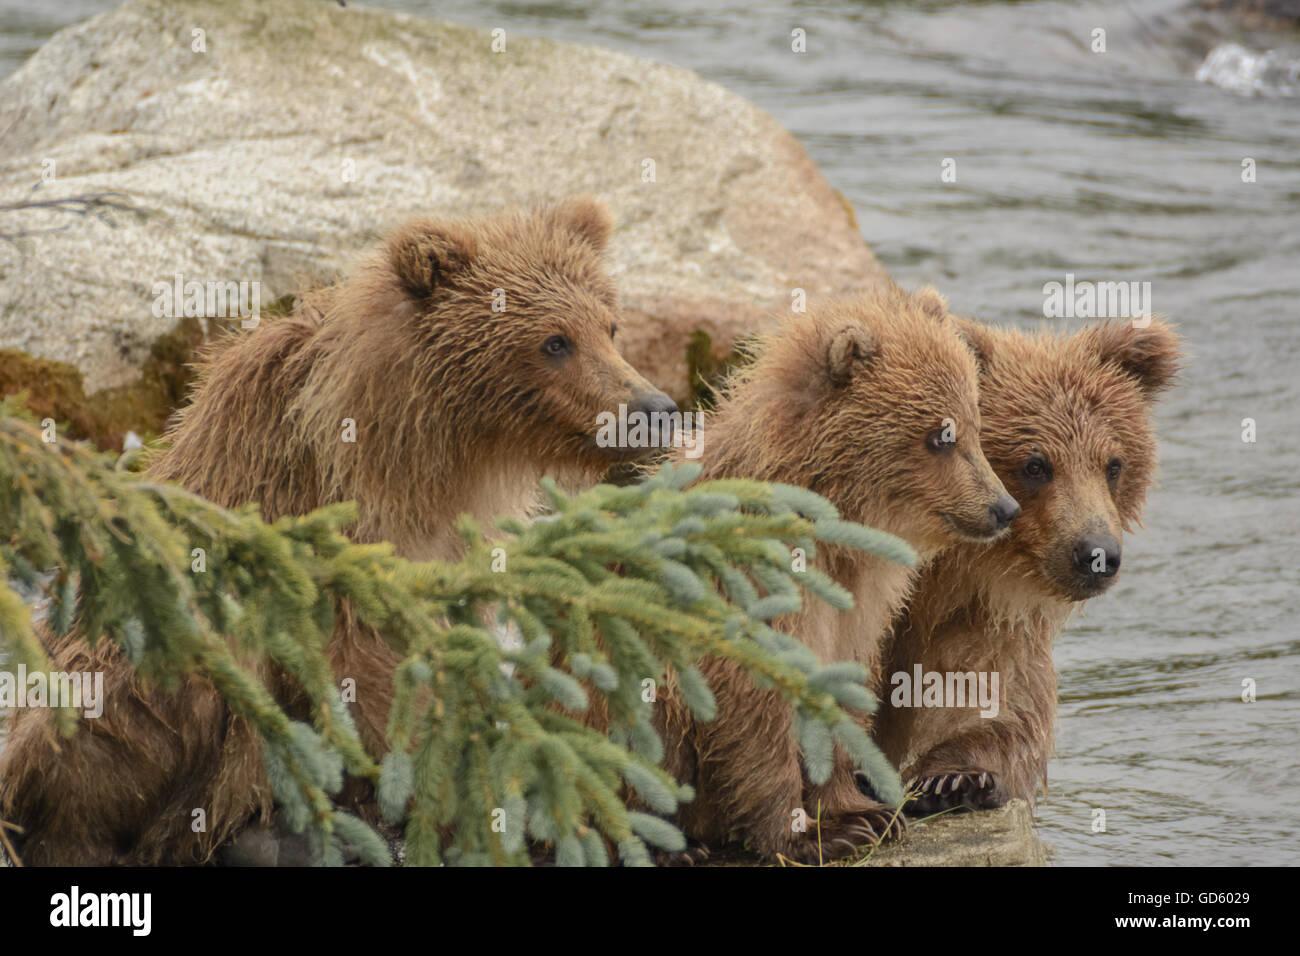 Grizzly bear cubs, Brook Falls, Katmai National Park, Alaska - Stock Image